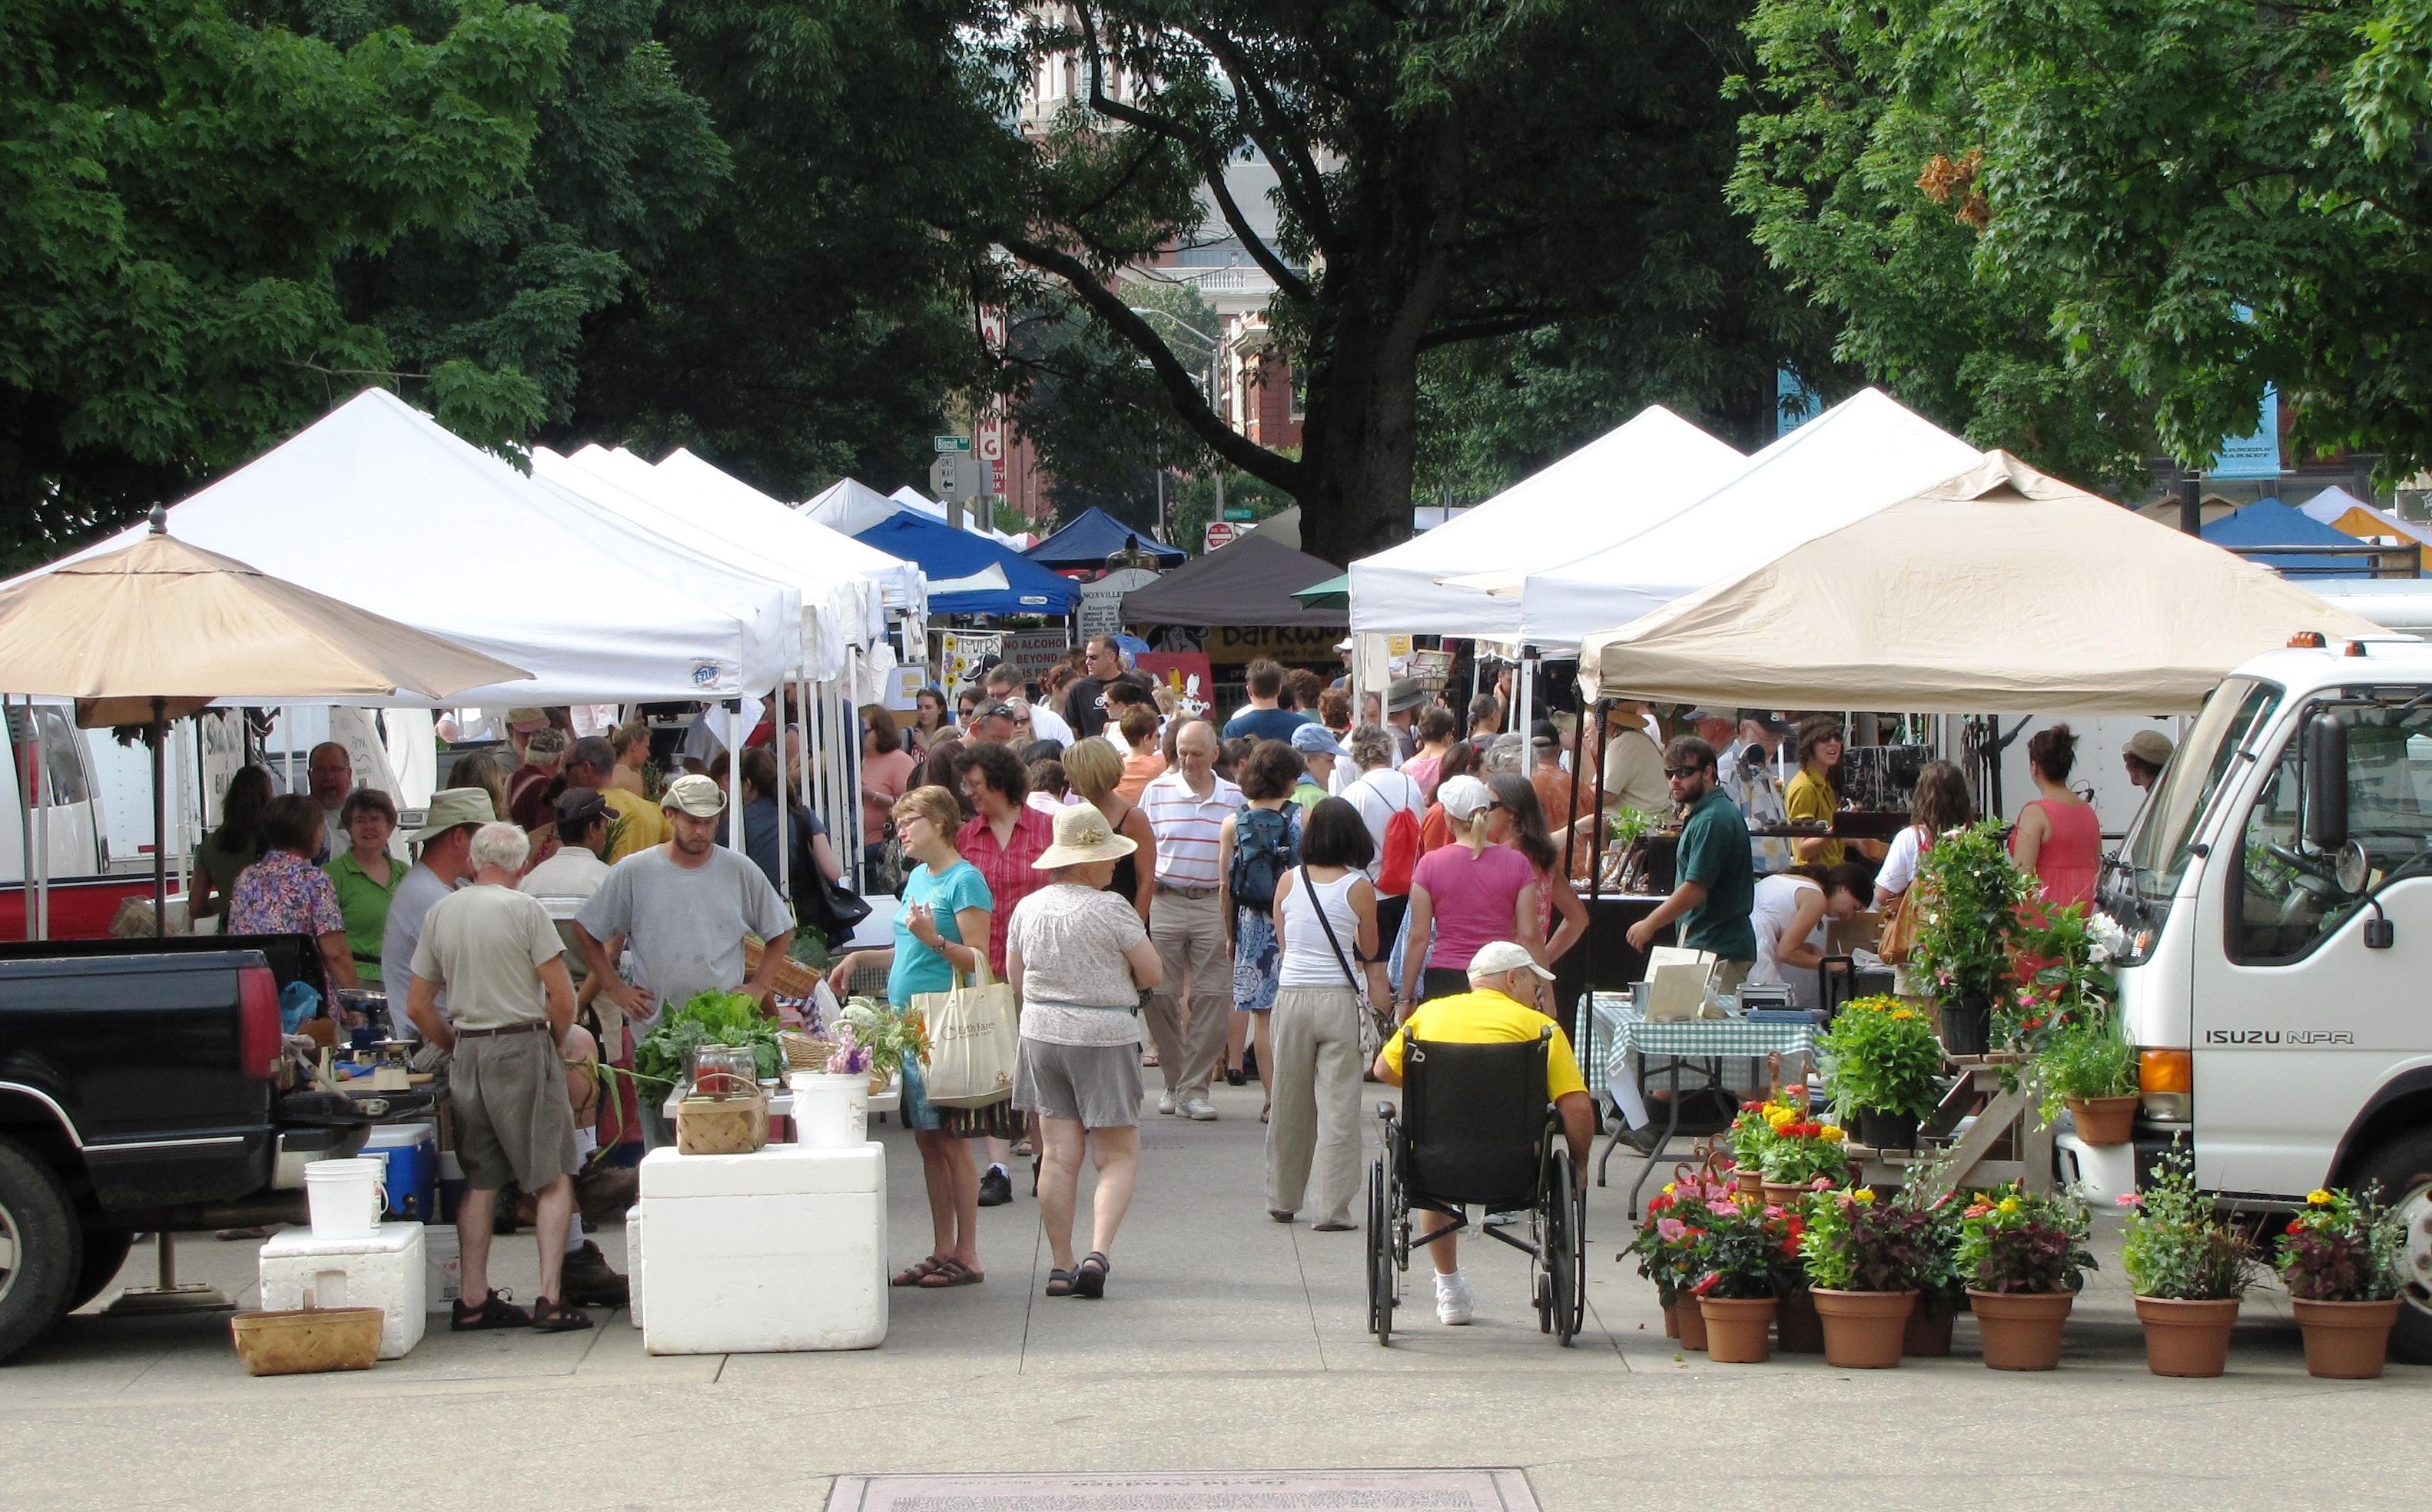 Market-sq-vendors-tn1